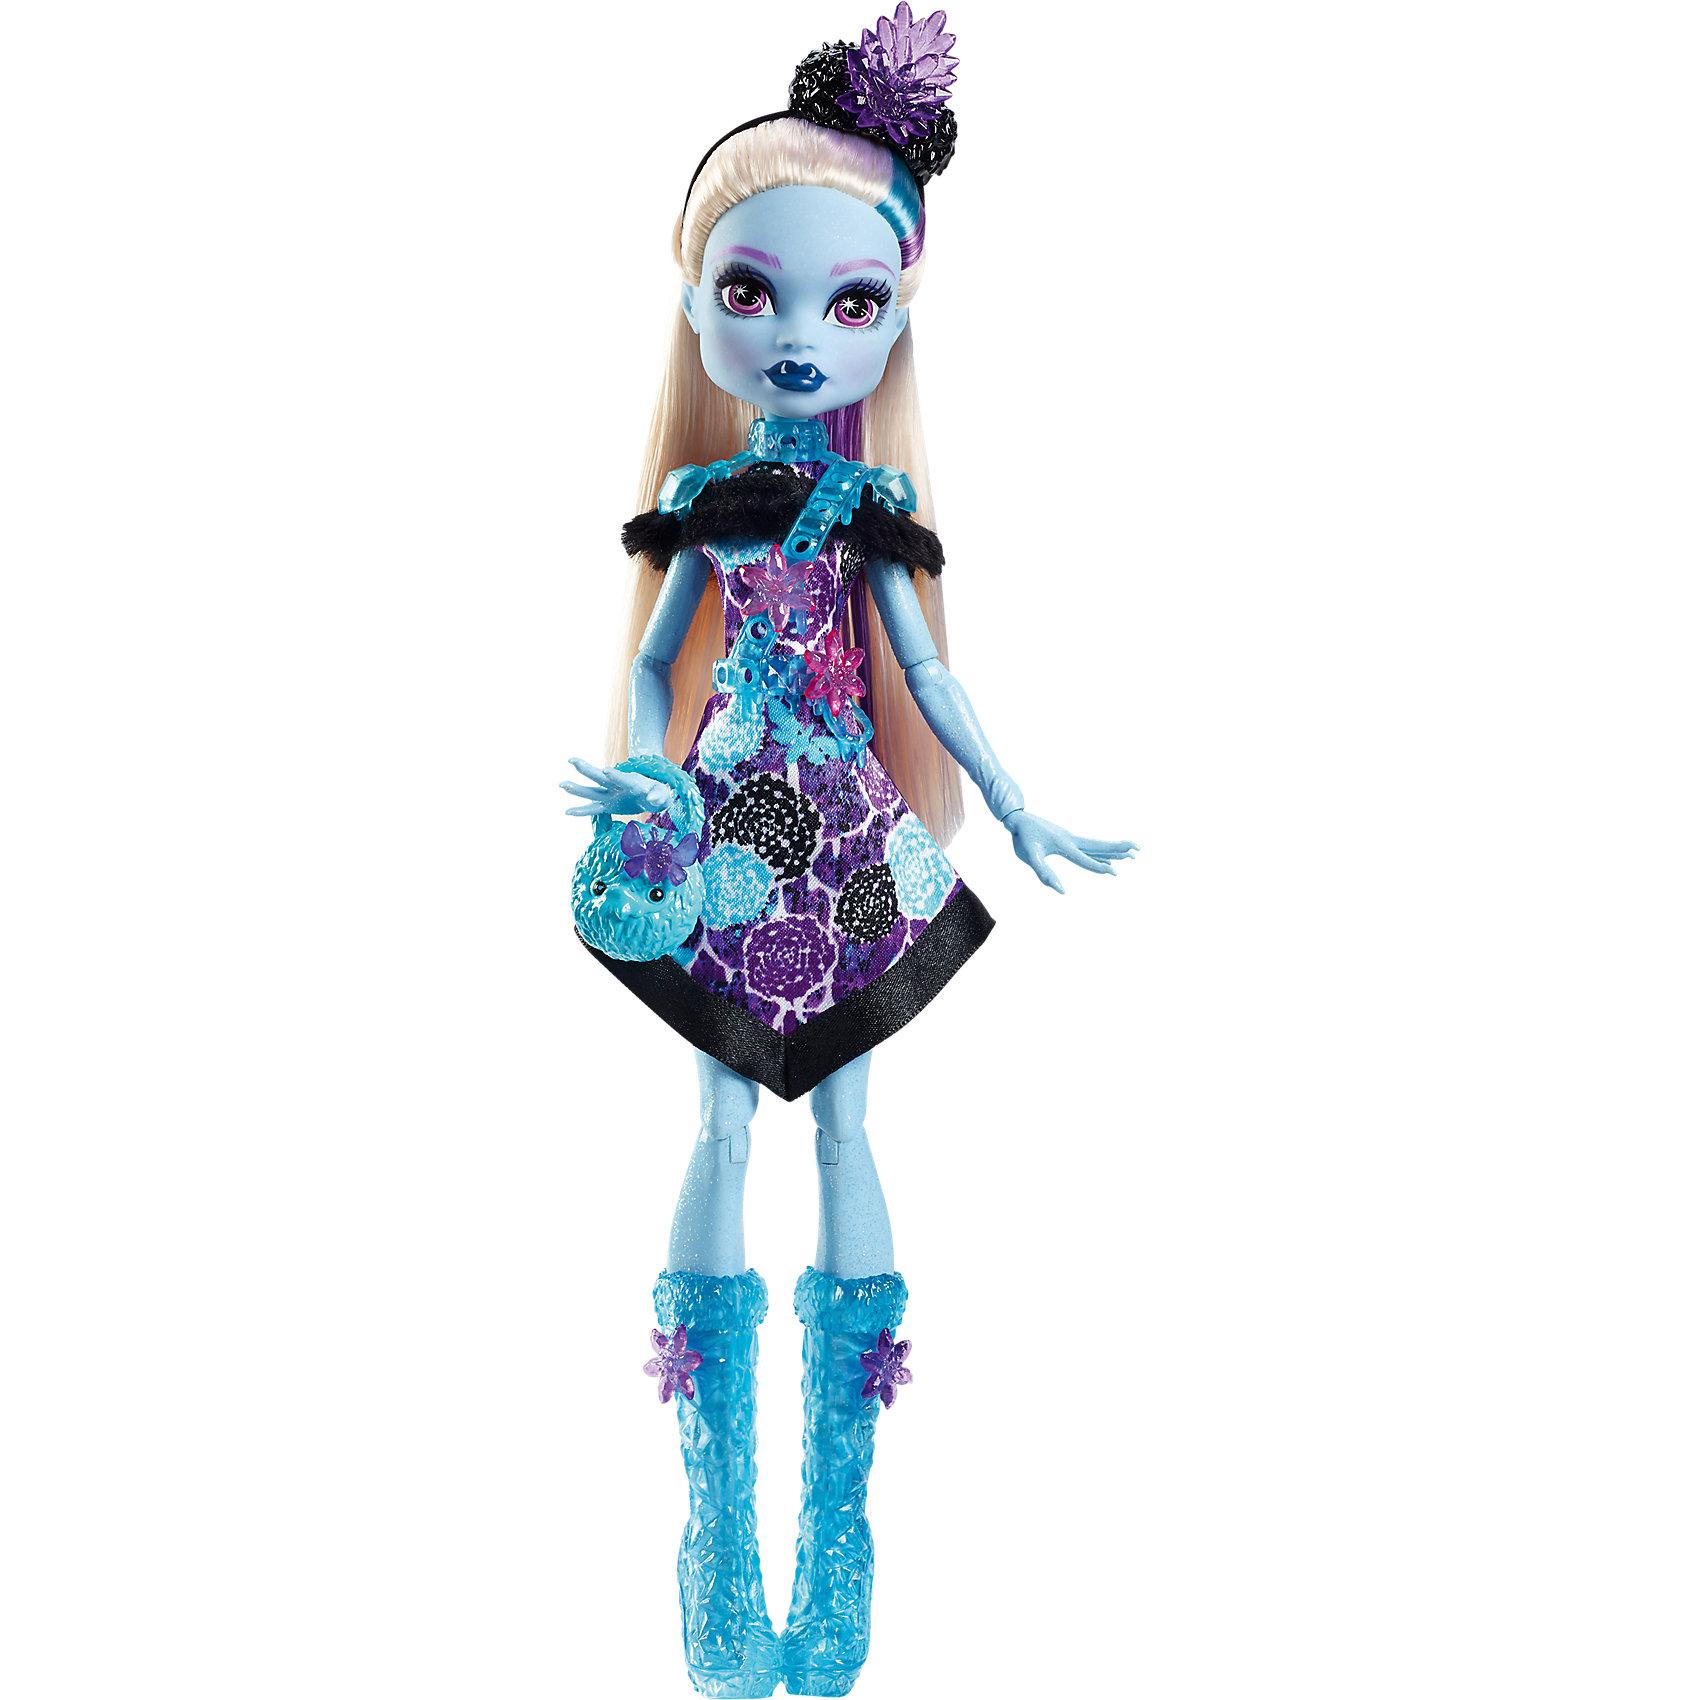 Монстряшка с длинными волосами Эбби Боминейбл, Monster HighКуклы-модели<br>Характеристики товара:<br><br>• возраст от 6 лет;<br>• материал: пластик;<br>• высота куклы 28 см;<br>• размер упаковки 33х16х6 см;<br>• страна производитель: Китай.<br><br>Кукла Эбби Боминейбл «Вечеринка монстров» Monster High создана по мотивам известного мультфильма Monster High. Эбби Боминейбл — дочка снежного человека, и выглядит она как настоящая снежная принцесса. У нее светло-голубая кожа, блестящее фиолетовое платье и голубые сапожки, похожие на льдинки. Голова украшена ободком, а сумочка дополняет образ, делая его неповторимым. В наборе с куклой маленькие аксессуары в виде цветочков, которыми можно украсить волосы куклы или ее наряд. <br><br>Куклу Эбби Боминейбл «Вечеринка монстров» Monster High можно приобрести в нашем интернет-магазине.<br><br>Ширина мм: 331<br>Глубина мм: 152<br>Высота мм: 57<br>Вес г: 203<br>Возраст от месяцев: 72<br>Возраст до месяцев: 120<br>Пол: Женский<br>Возраст: Детский<br>SKU: 5257141